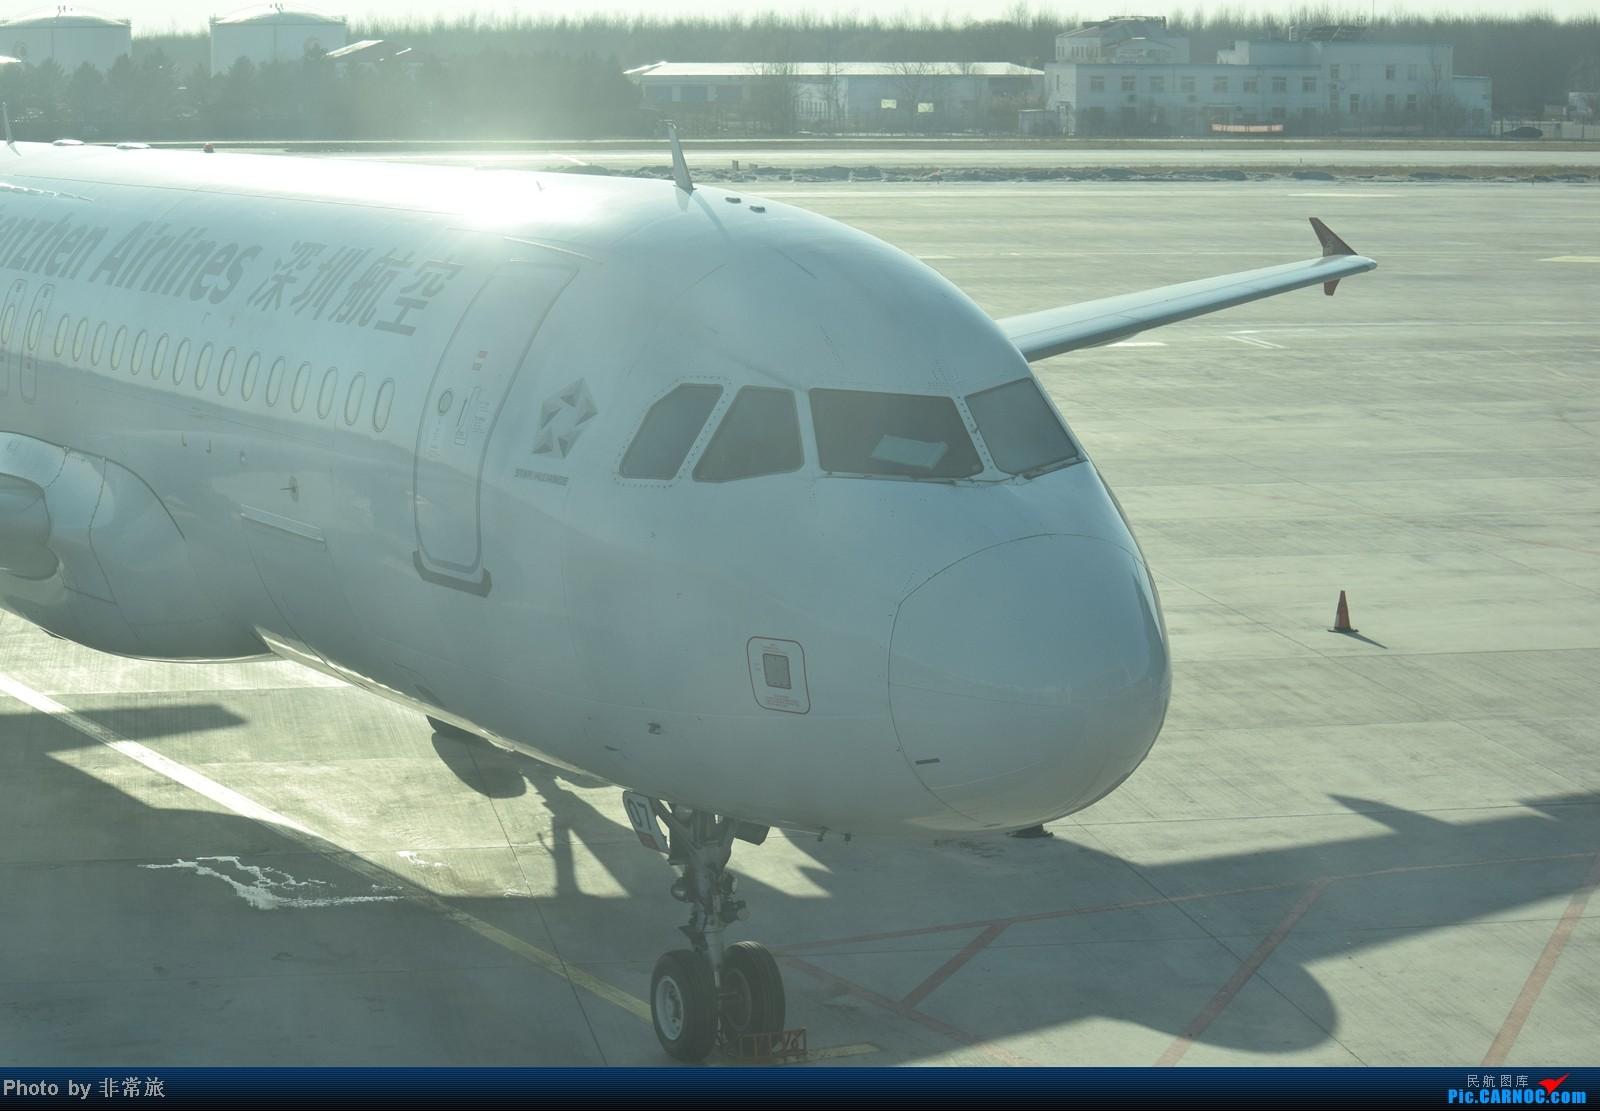 Re:[原创]大年三十除夕夜,三万英尺云霄间。 AIRBUS A320-200 B-6807 中国沈阳桃仙机场